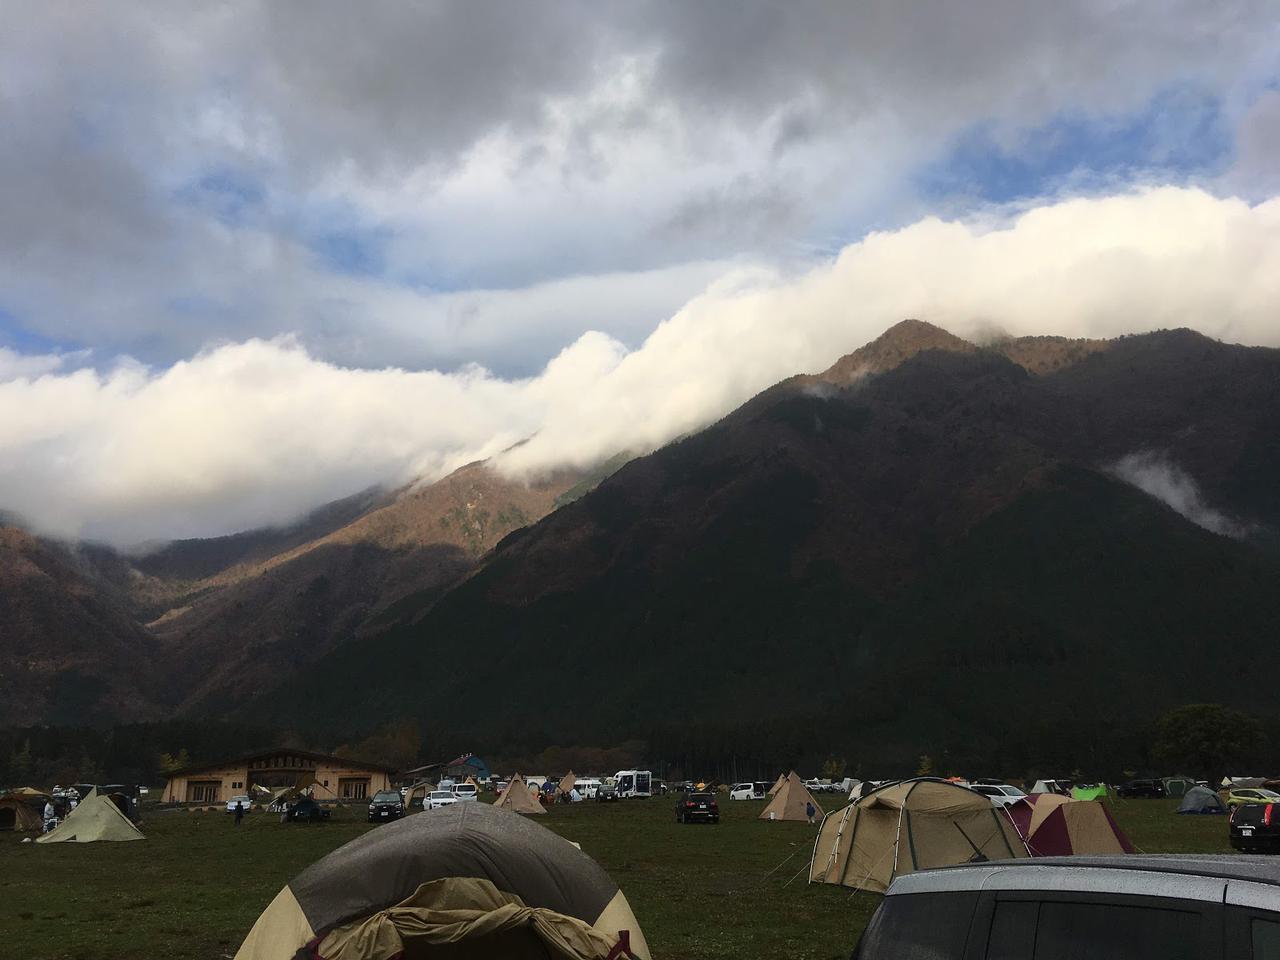 画像: 筆者撮影 静岡県のふもとっぱらキャンプ場はとっても広い。ソロからグループまでいろいろなキャンパーがいる